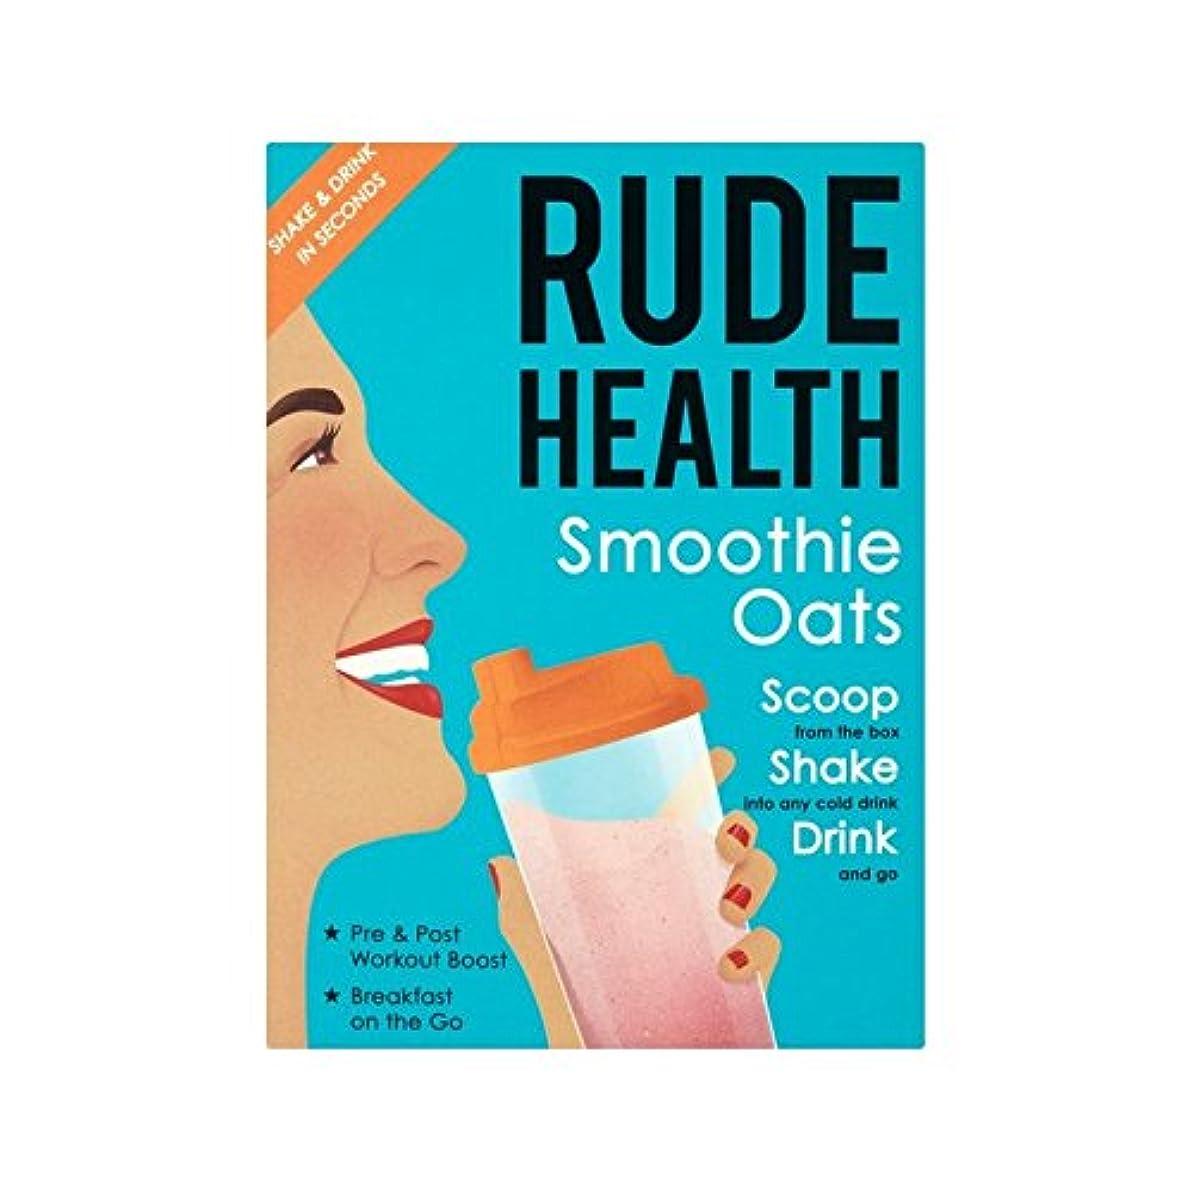 砦シャツ雇用者スムージーオート麦250グラム (Rude Health) (x 4) - Rude Health Smoothie Oats 250g (Pack of 4) [並行輸入品]